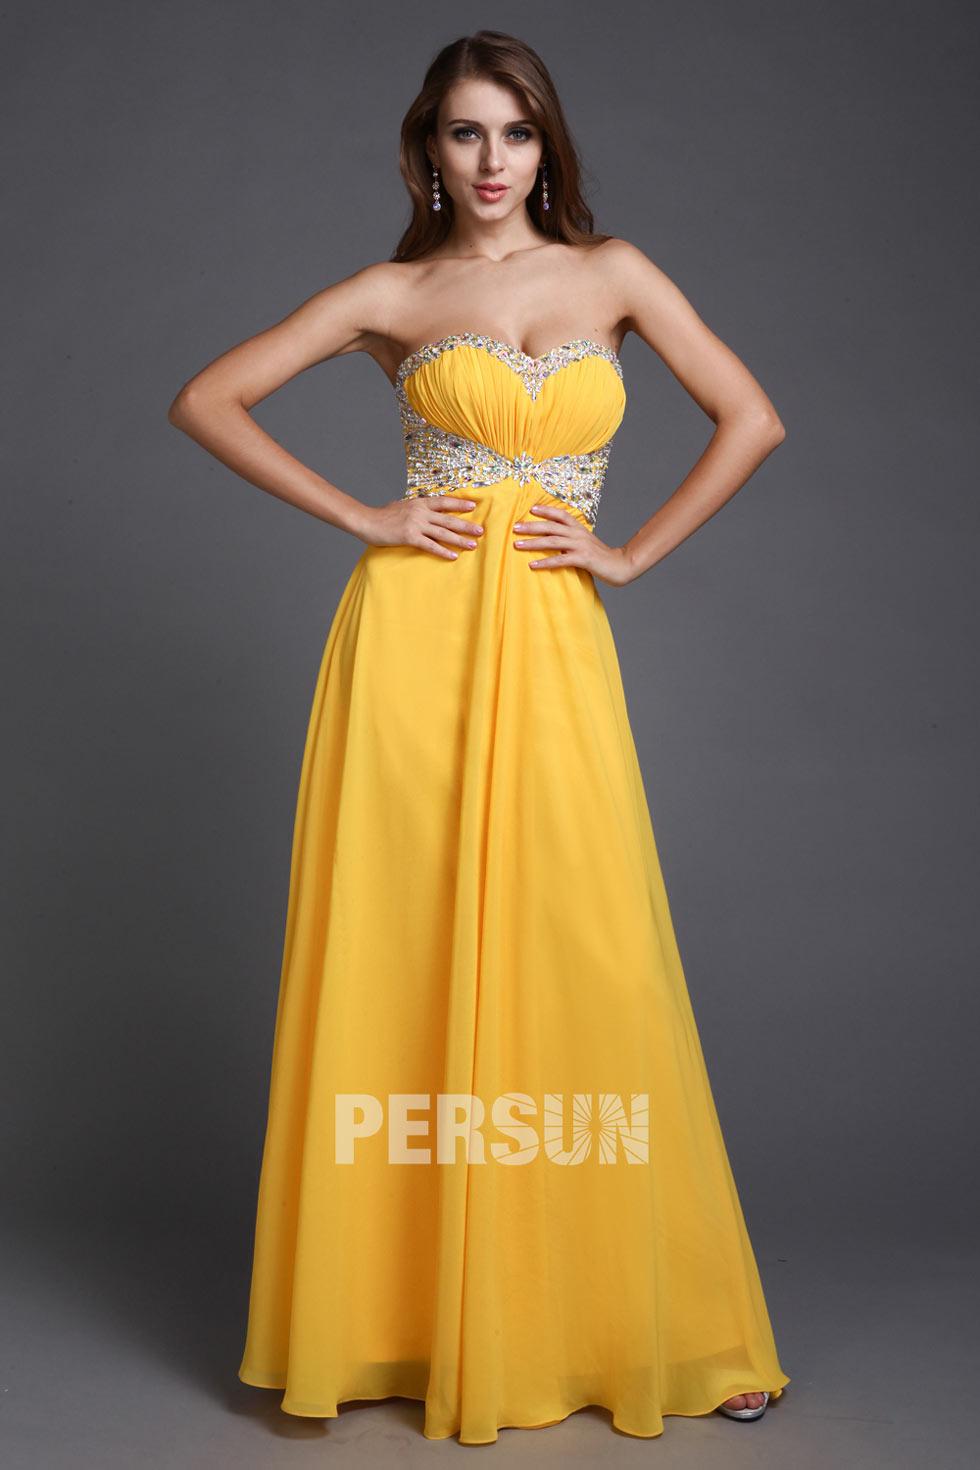 robe de soirée jaune longue bustier coeur plissé embelli de strass exquis